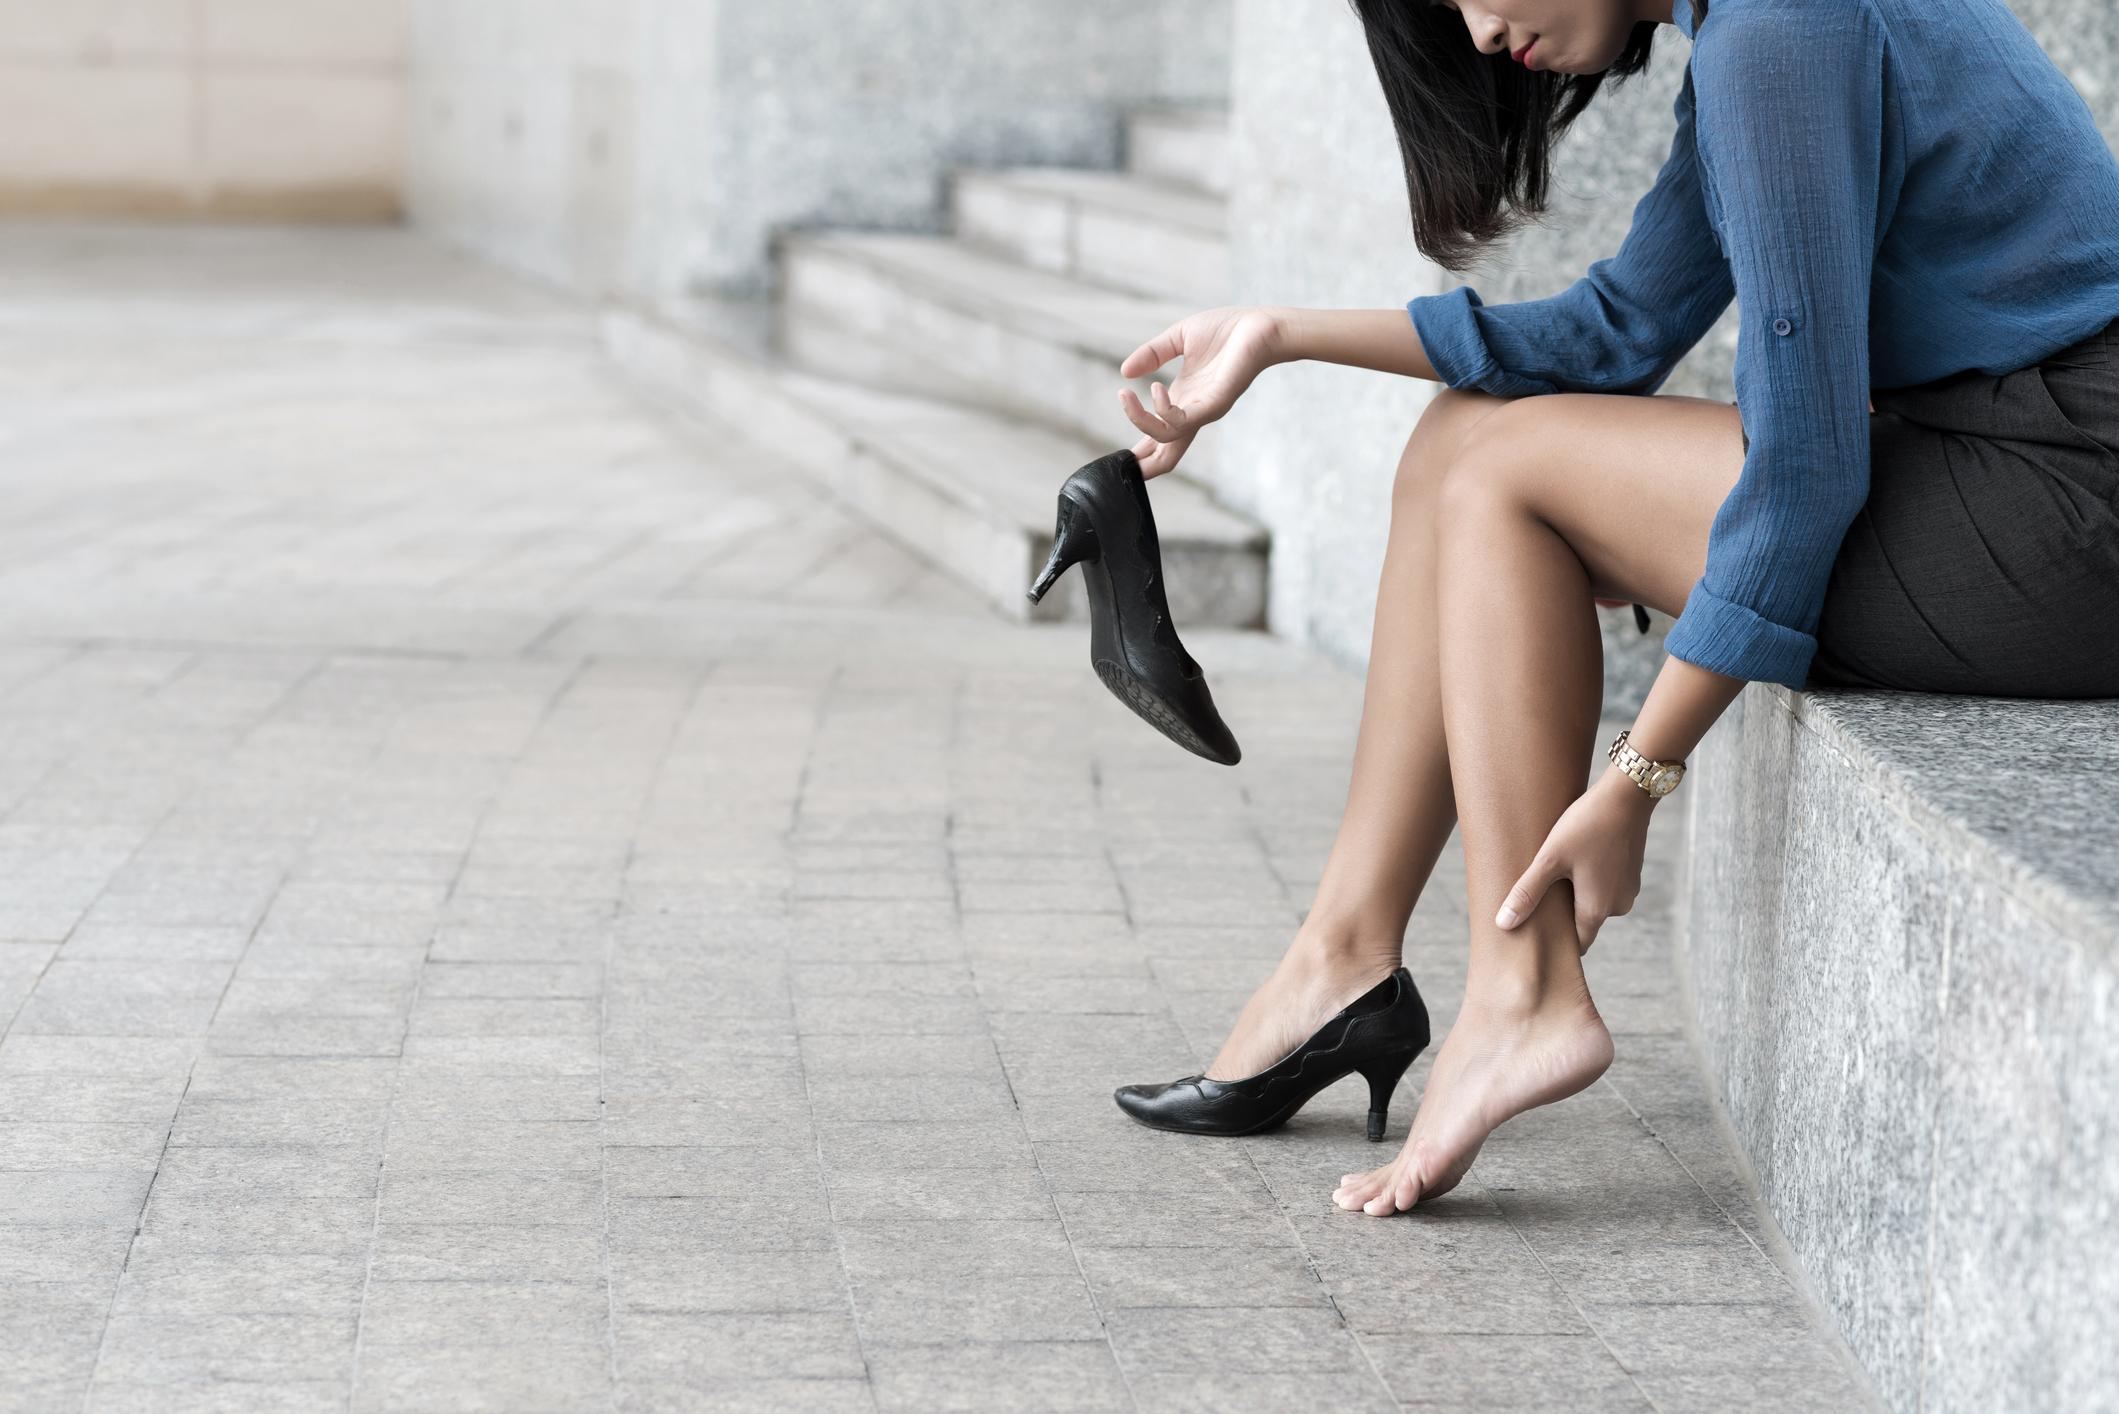 #KuToo, how heels raised a general debate on discrimination against Women in Japan